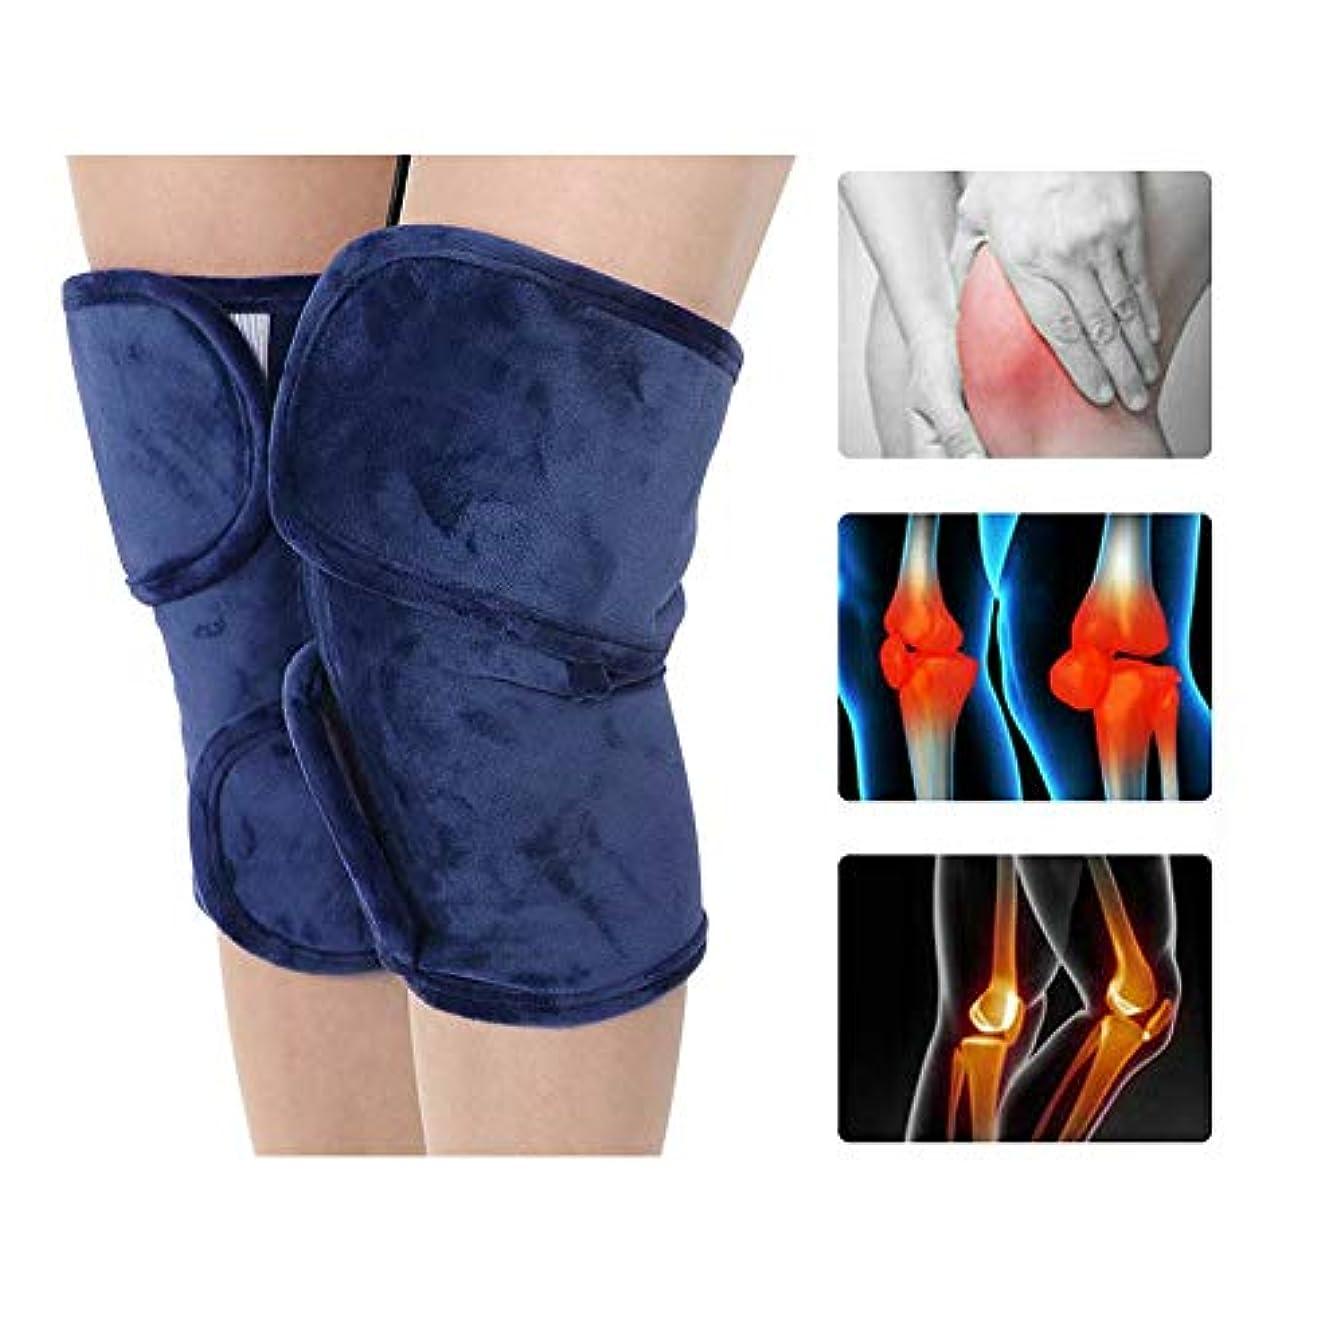 誕生文明化するここに電気加熱膝ブレースサポート - 膝温かいラップパッド療法ホット関節炎膝の痛みのための熱い圧縮,Blue